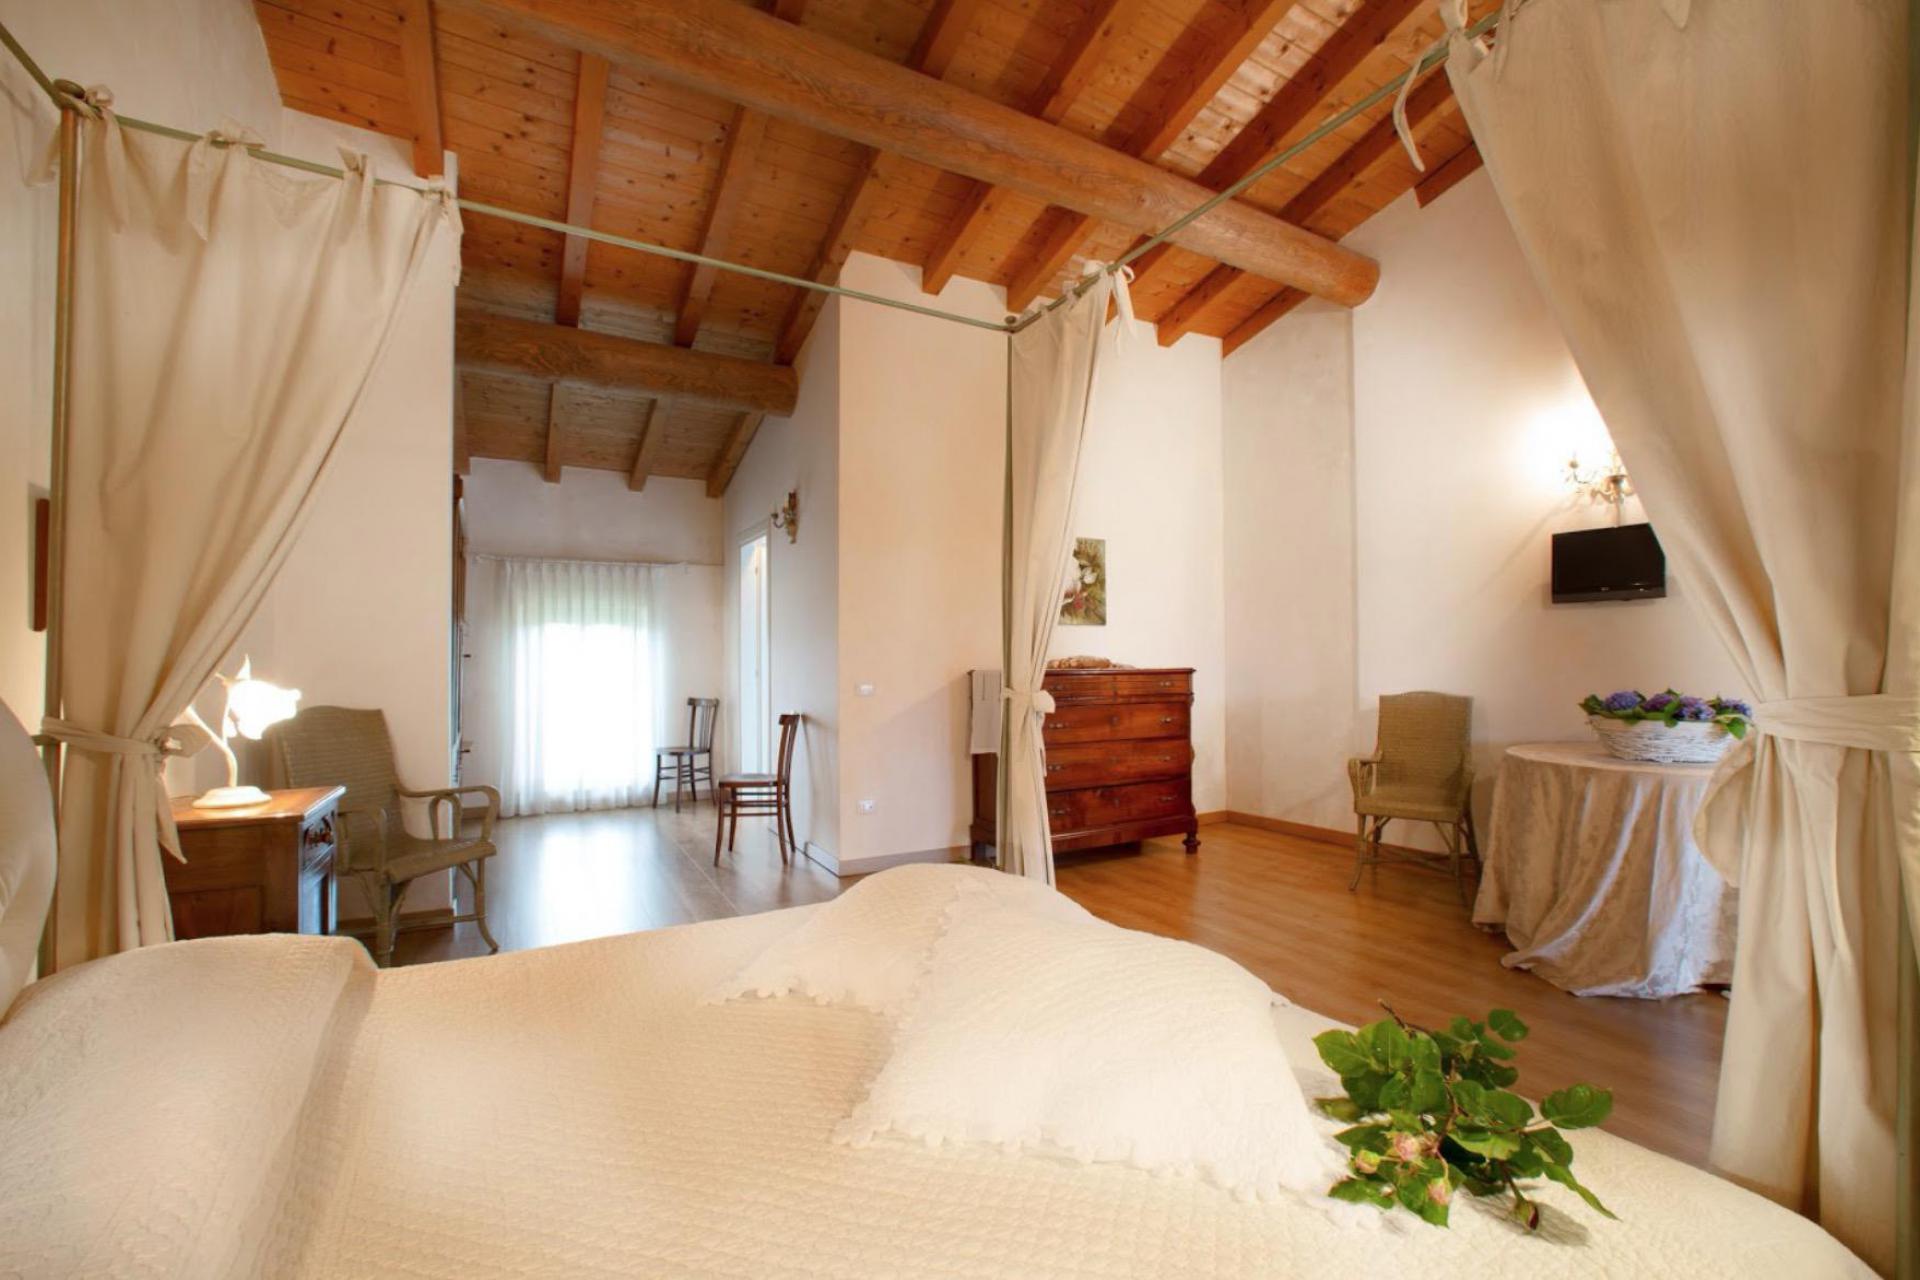 Agriturismo Lago di Como e lago di Garda Agriturismo piccolo e accogliente vicino al lago di Garda